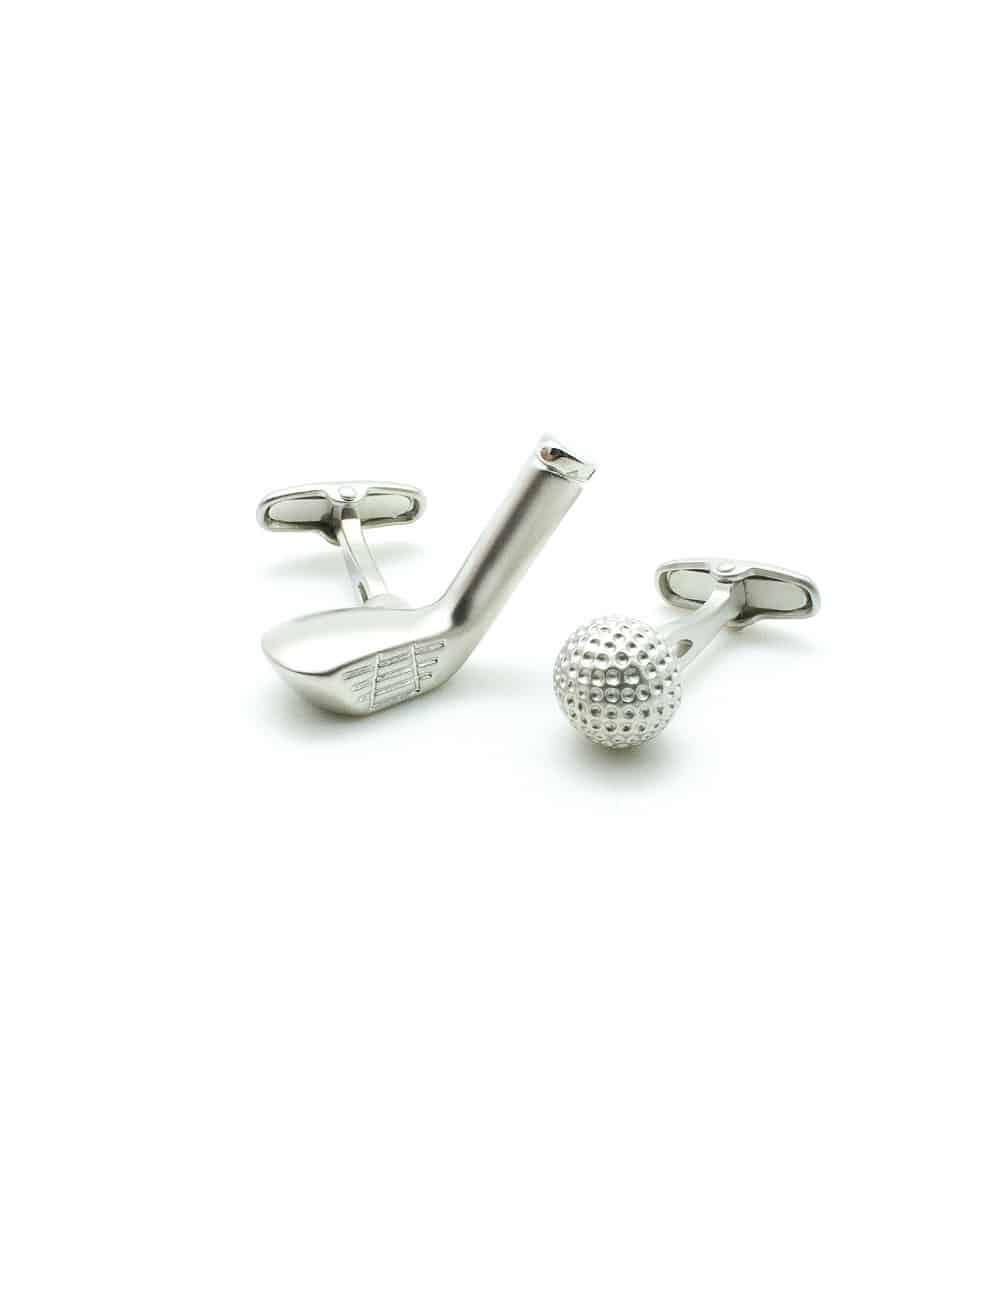 Matte Silver Golf Ball and Club Set Cufflink C251NS-011